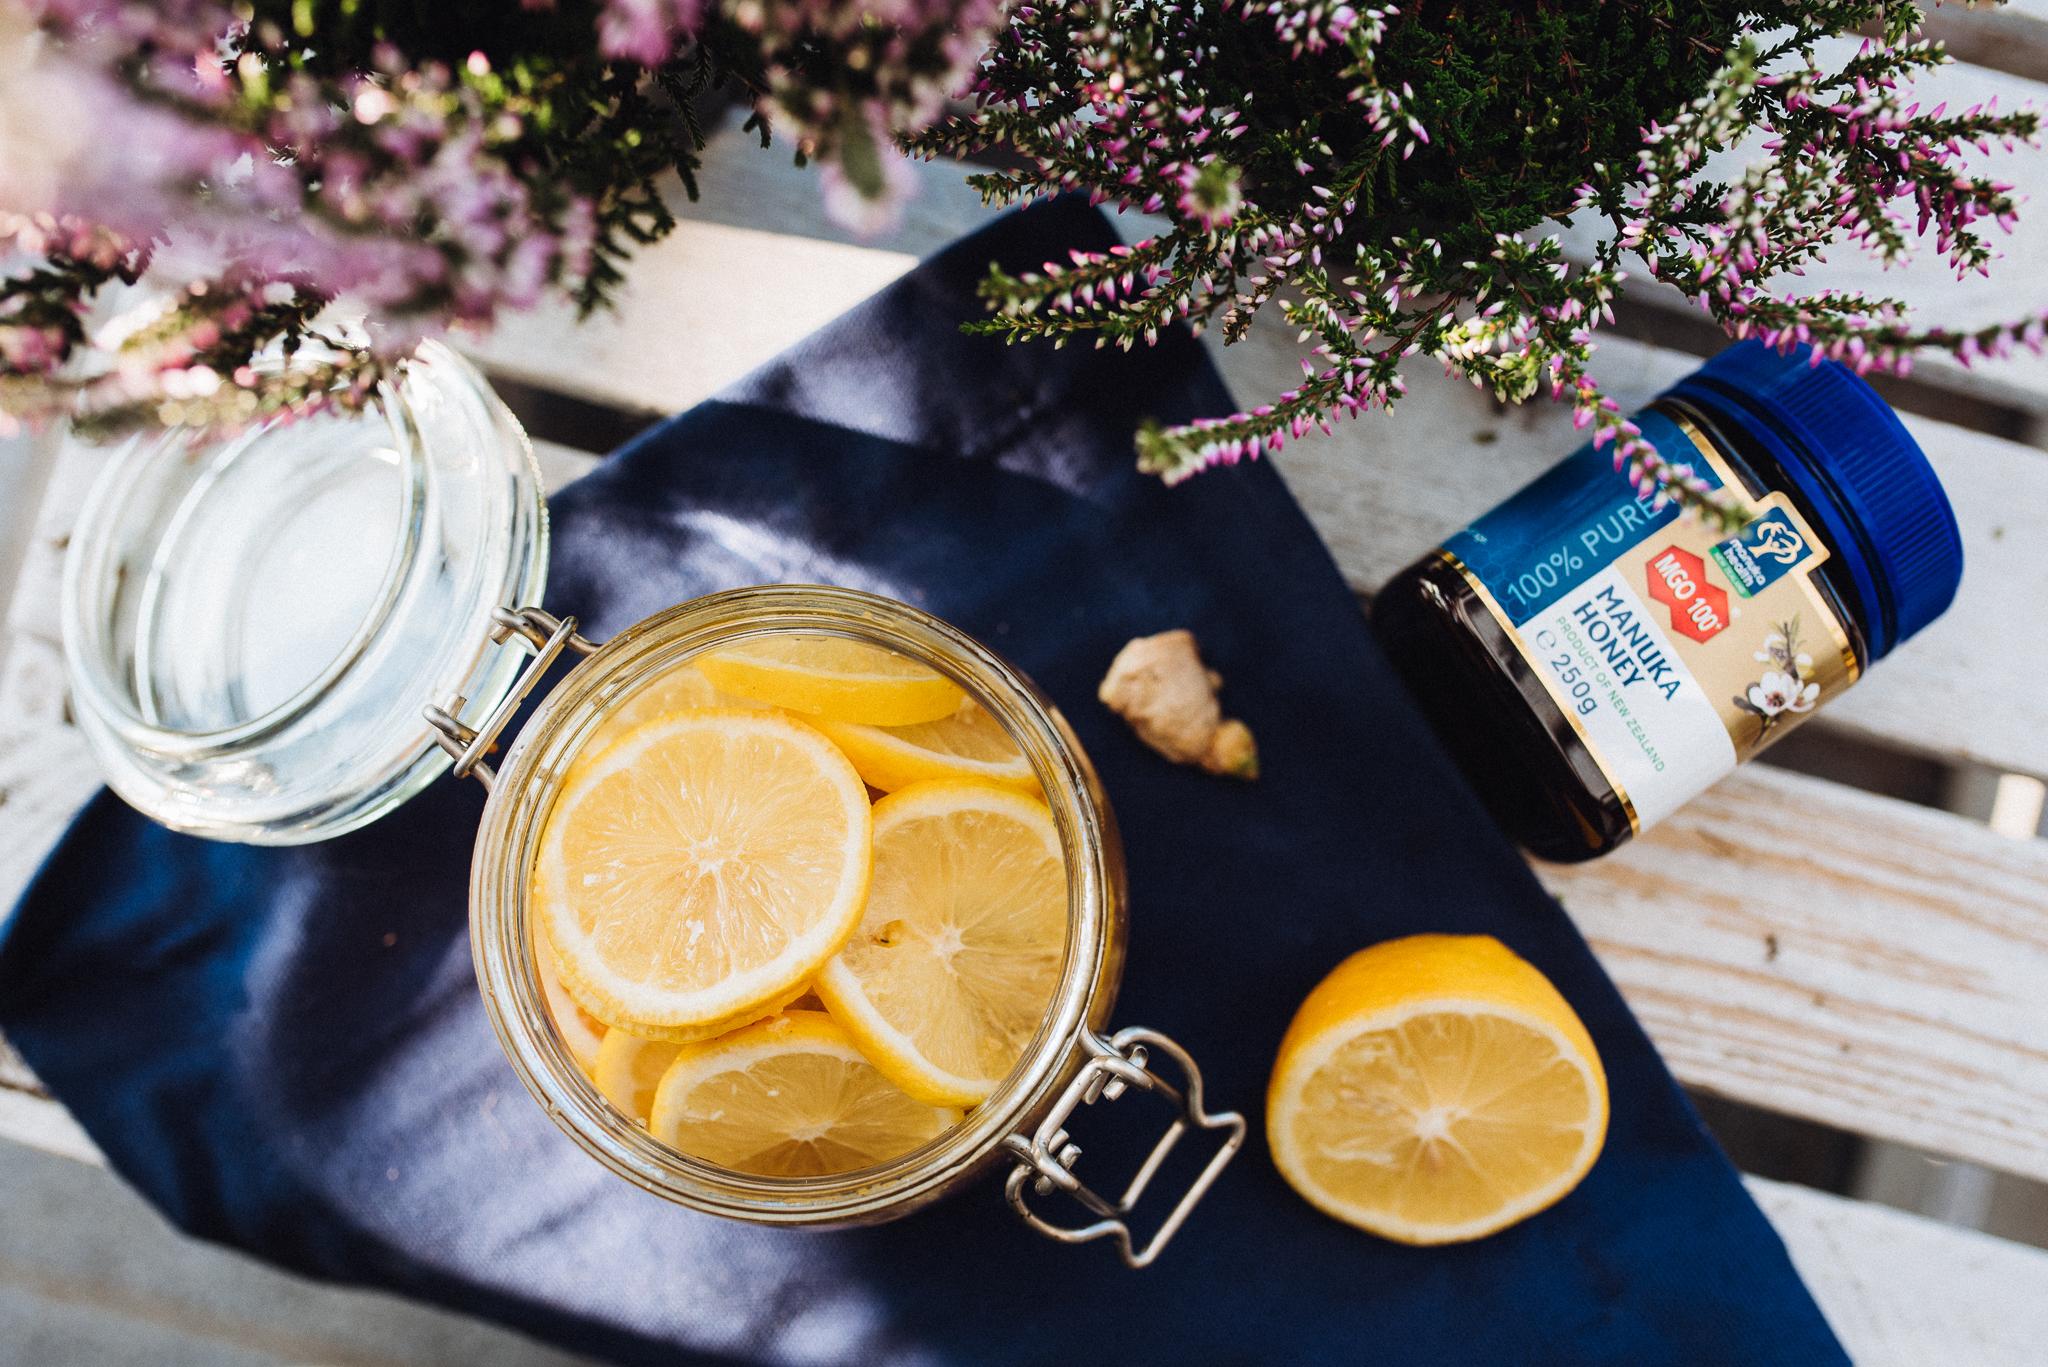 Syrop na odporność z miodu manuka – od września obowiązkowo w mojej szafce